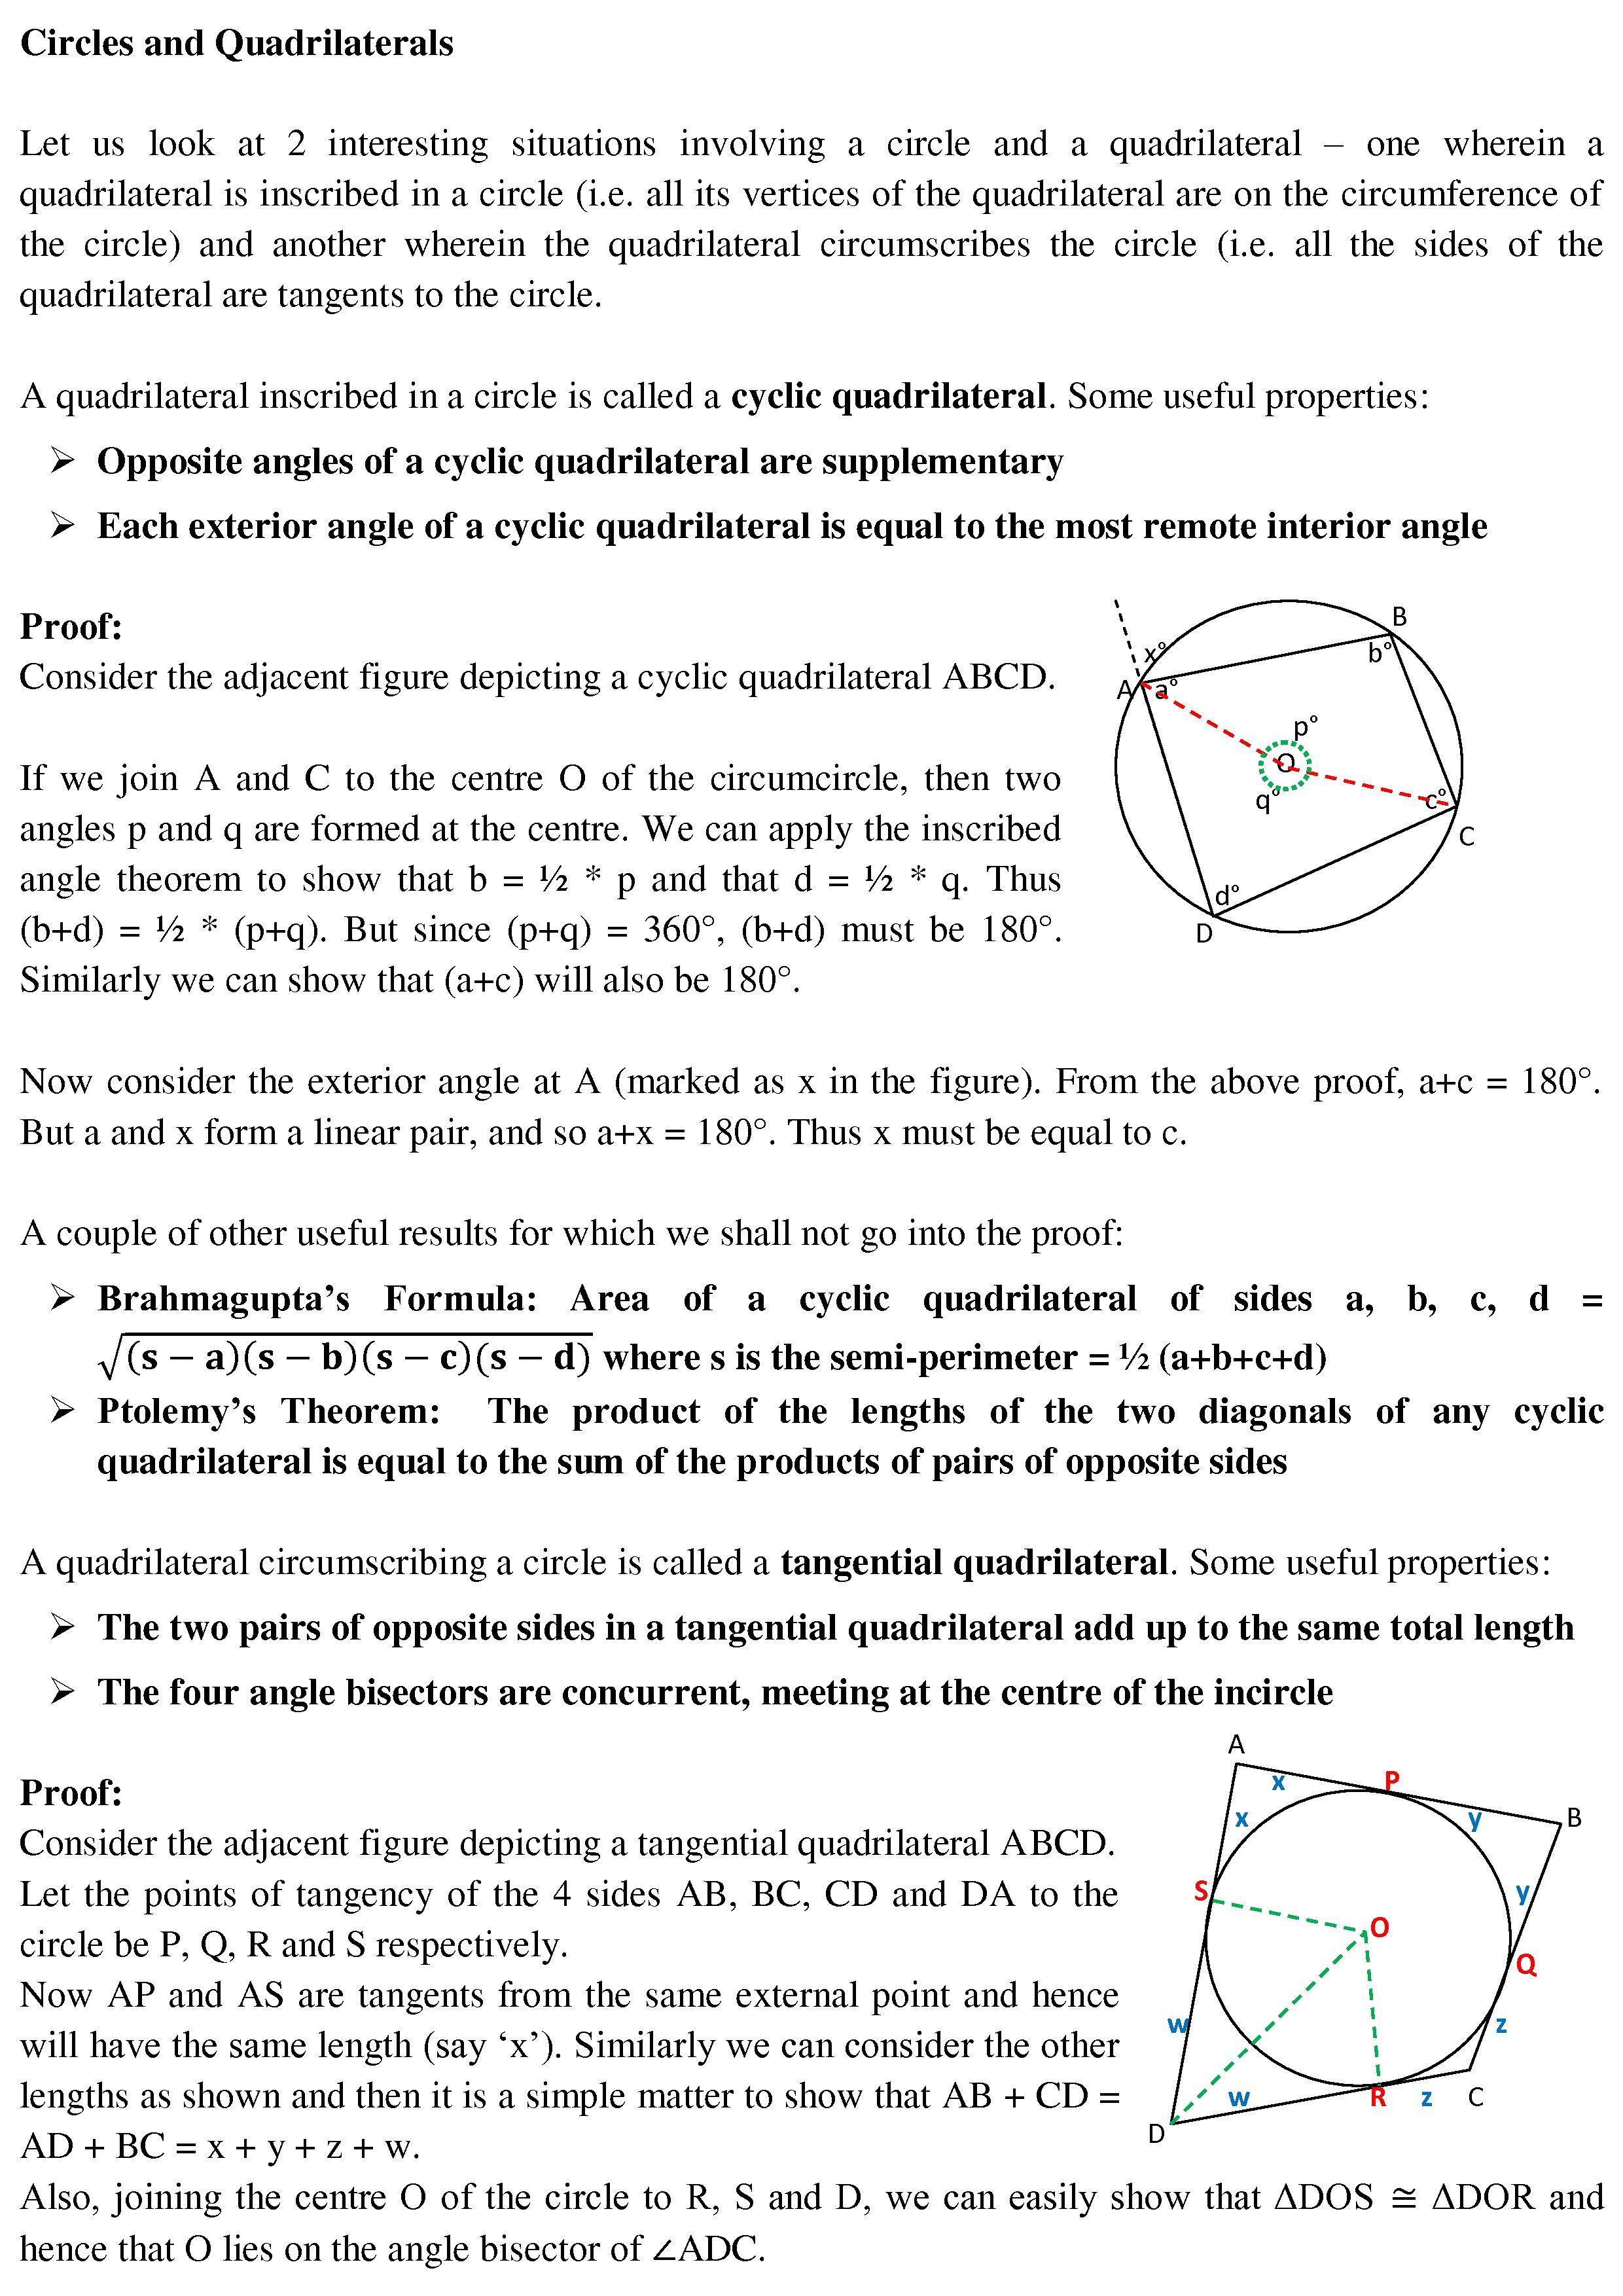 Circles and Quadrilaterals CAT holics